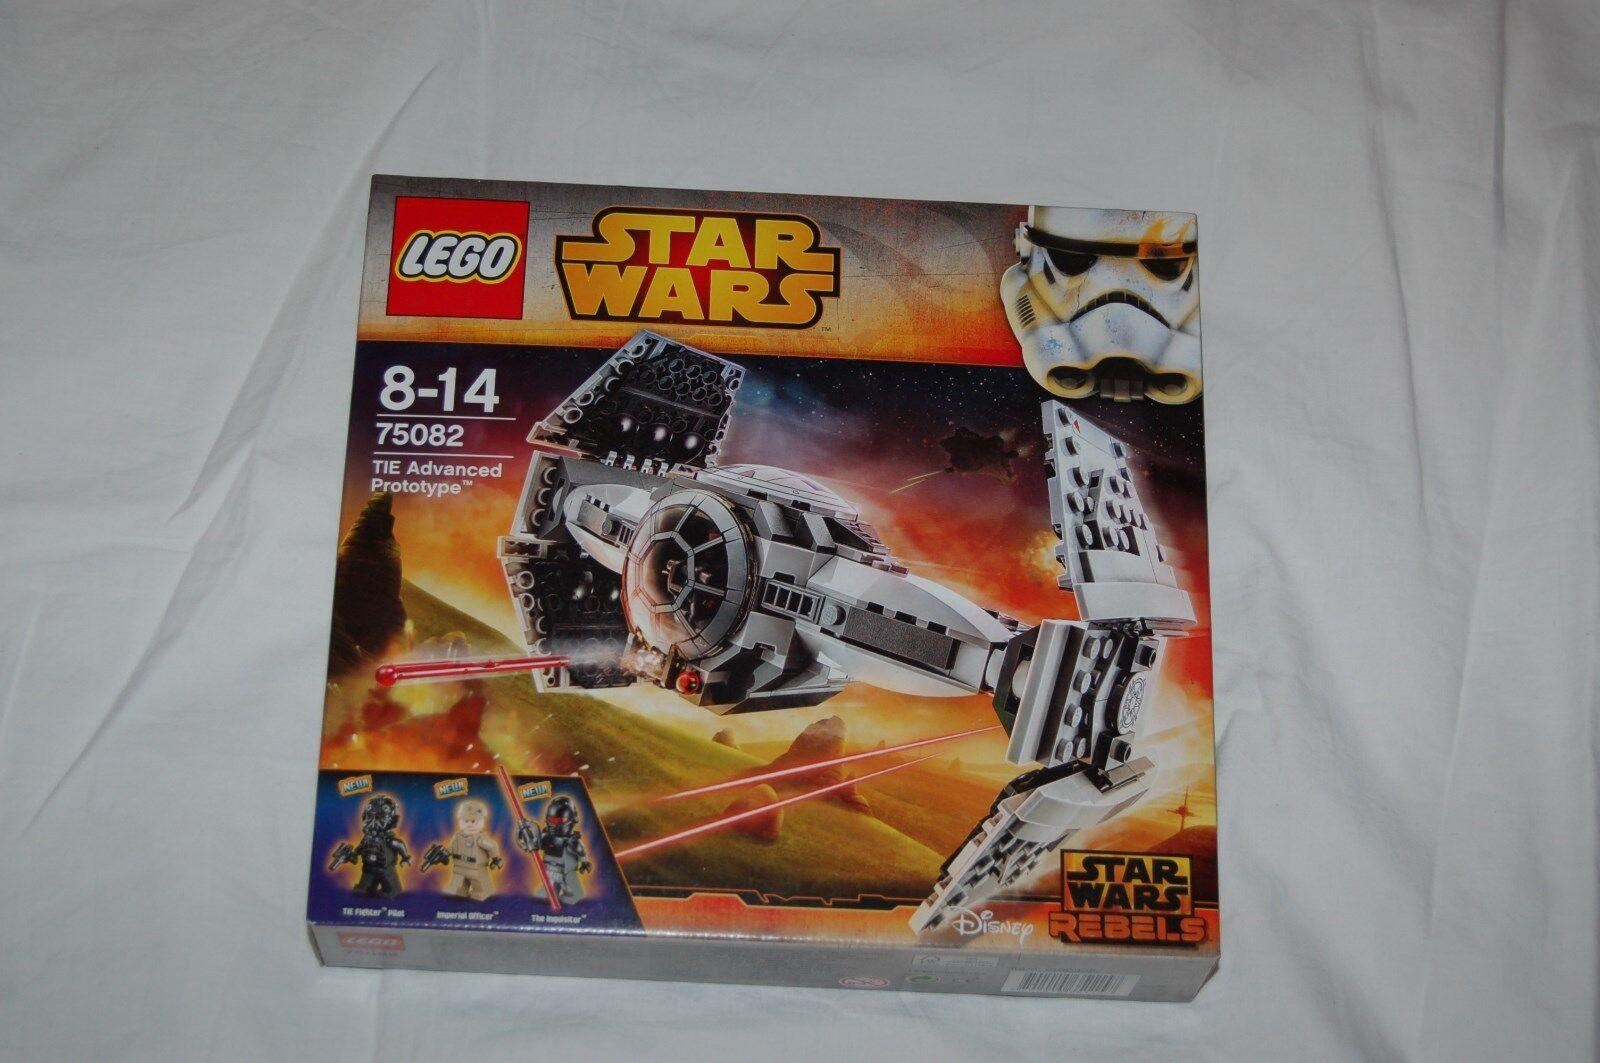 LEGO STAR WARS 75082 TIE Advanced Prototype NEU und ungeöffnet  MIT FIGUREN    Realistisch